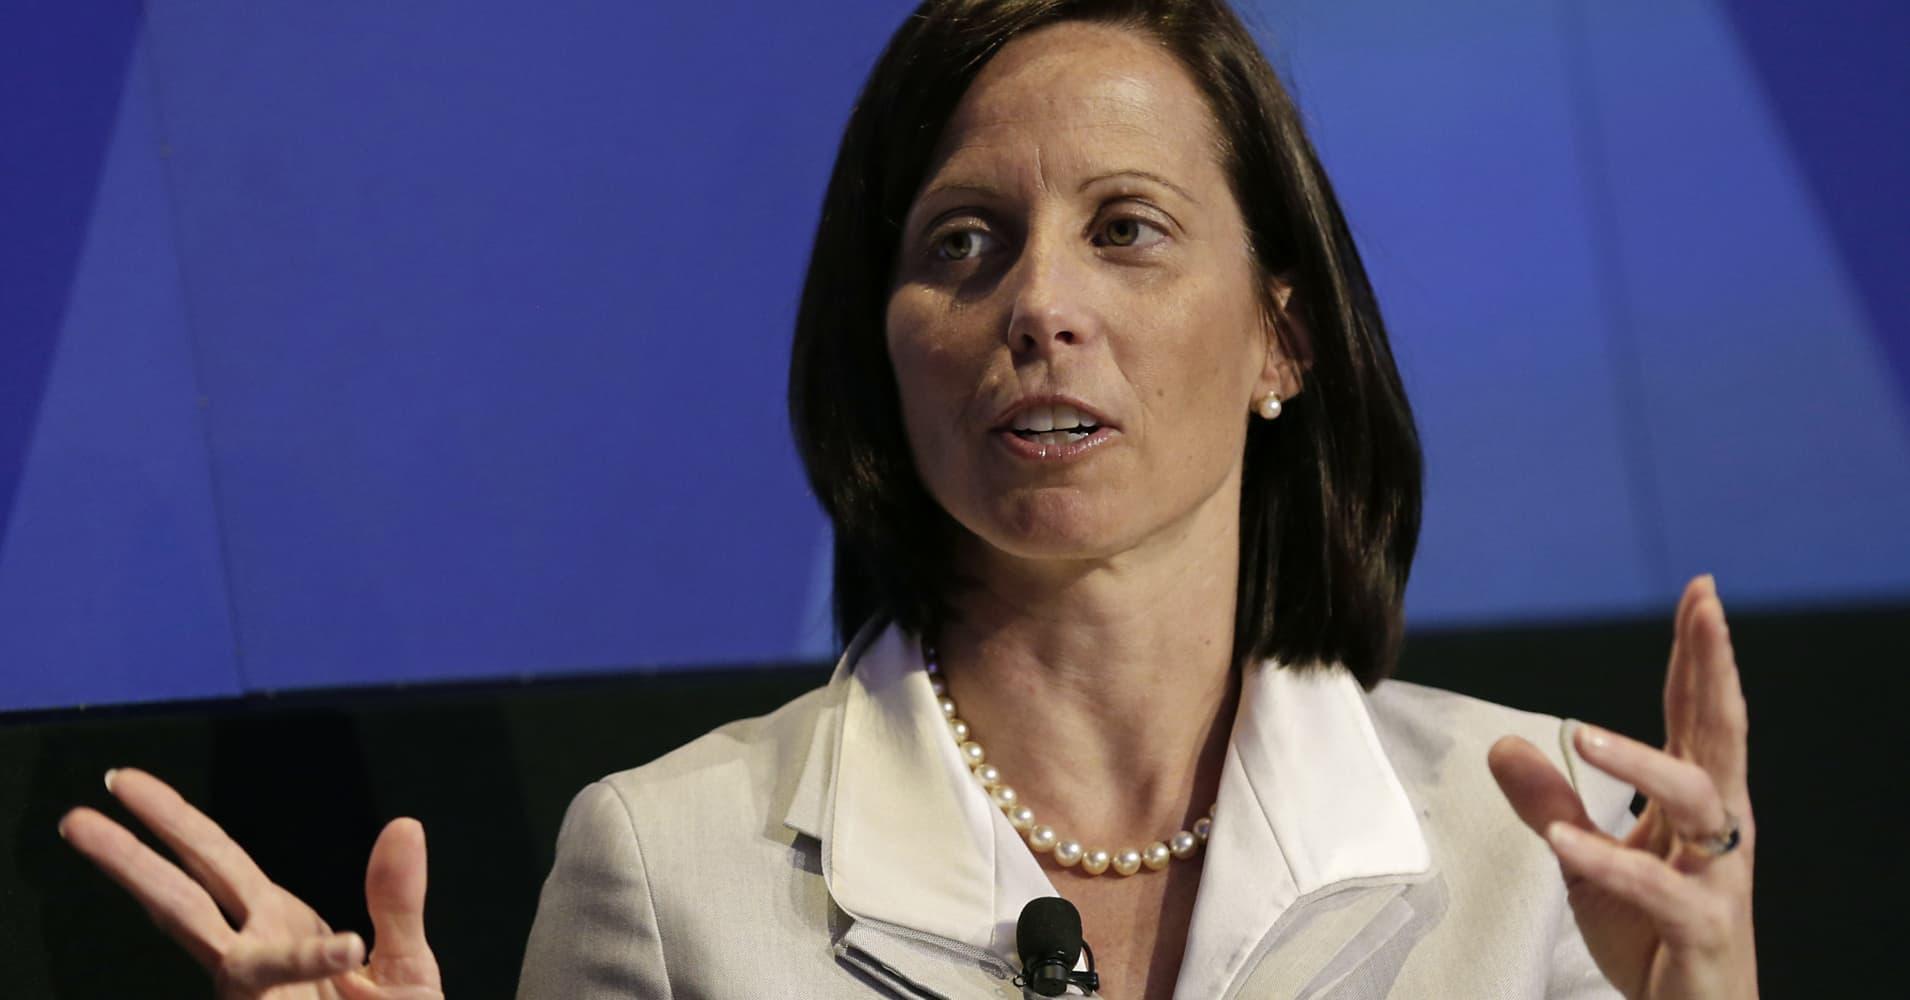 Adena Friedman, president and chief executive officer of Nasdaq Inc